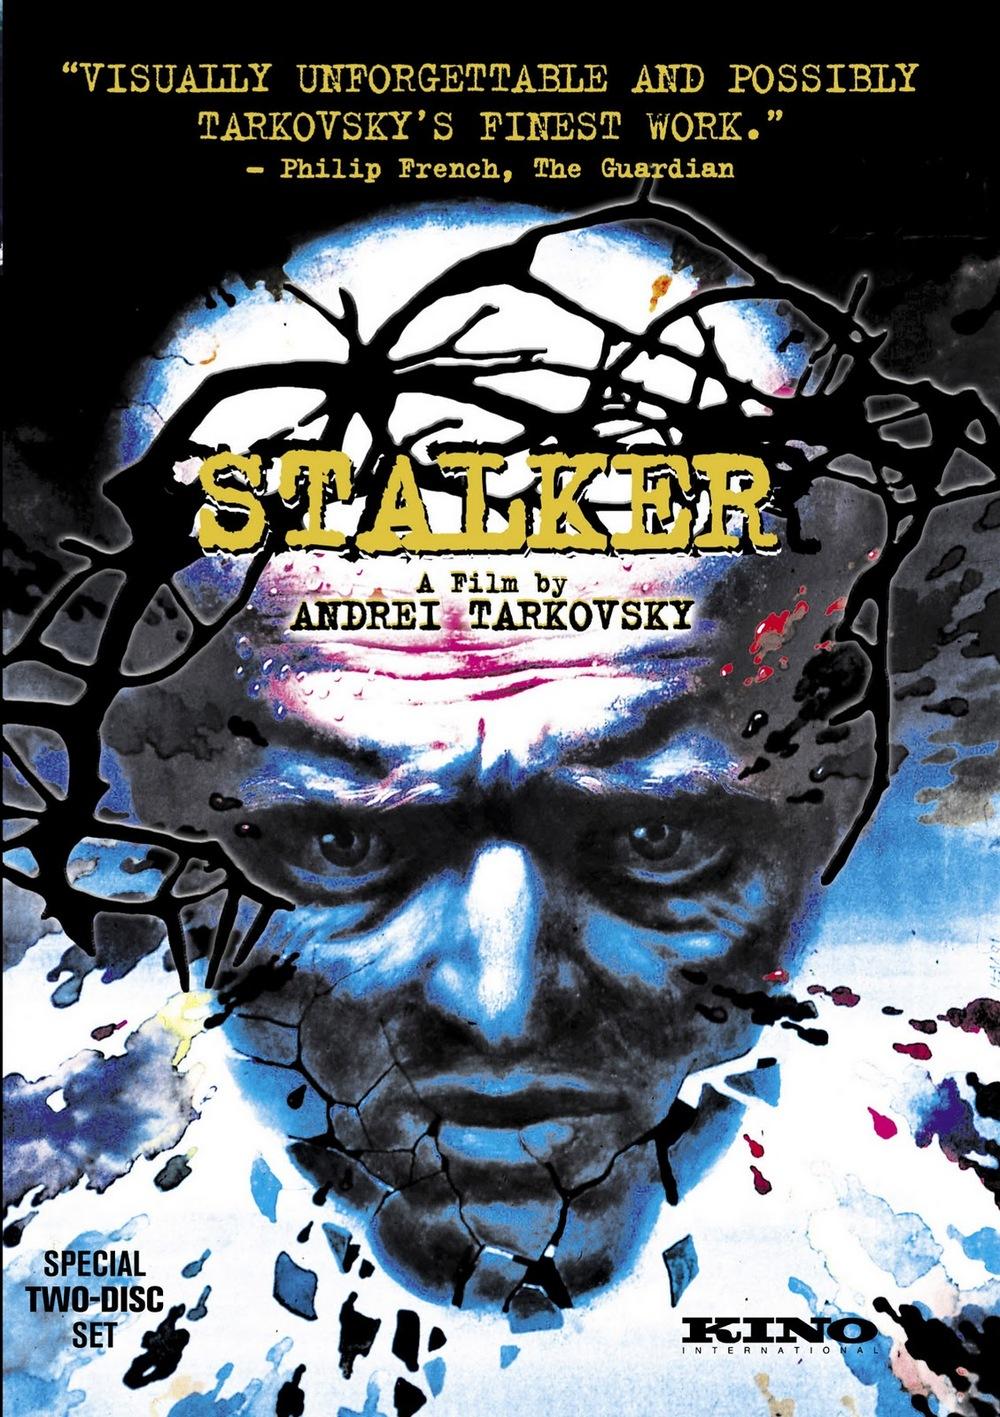 Poster for Andrei Tarkovsky's Stalker